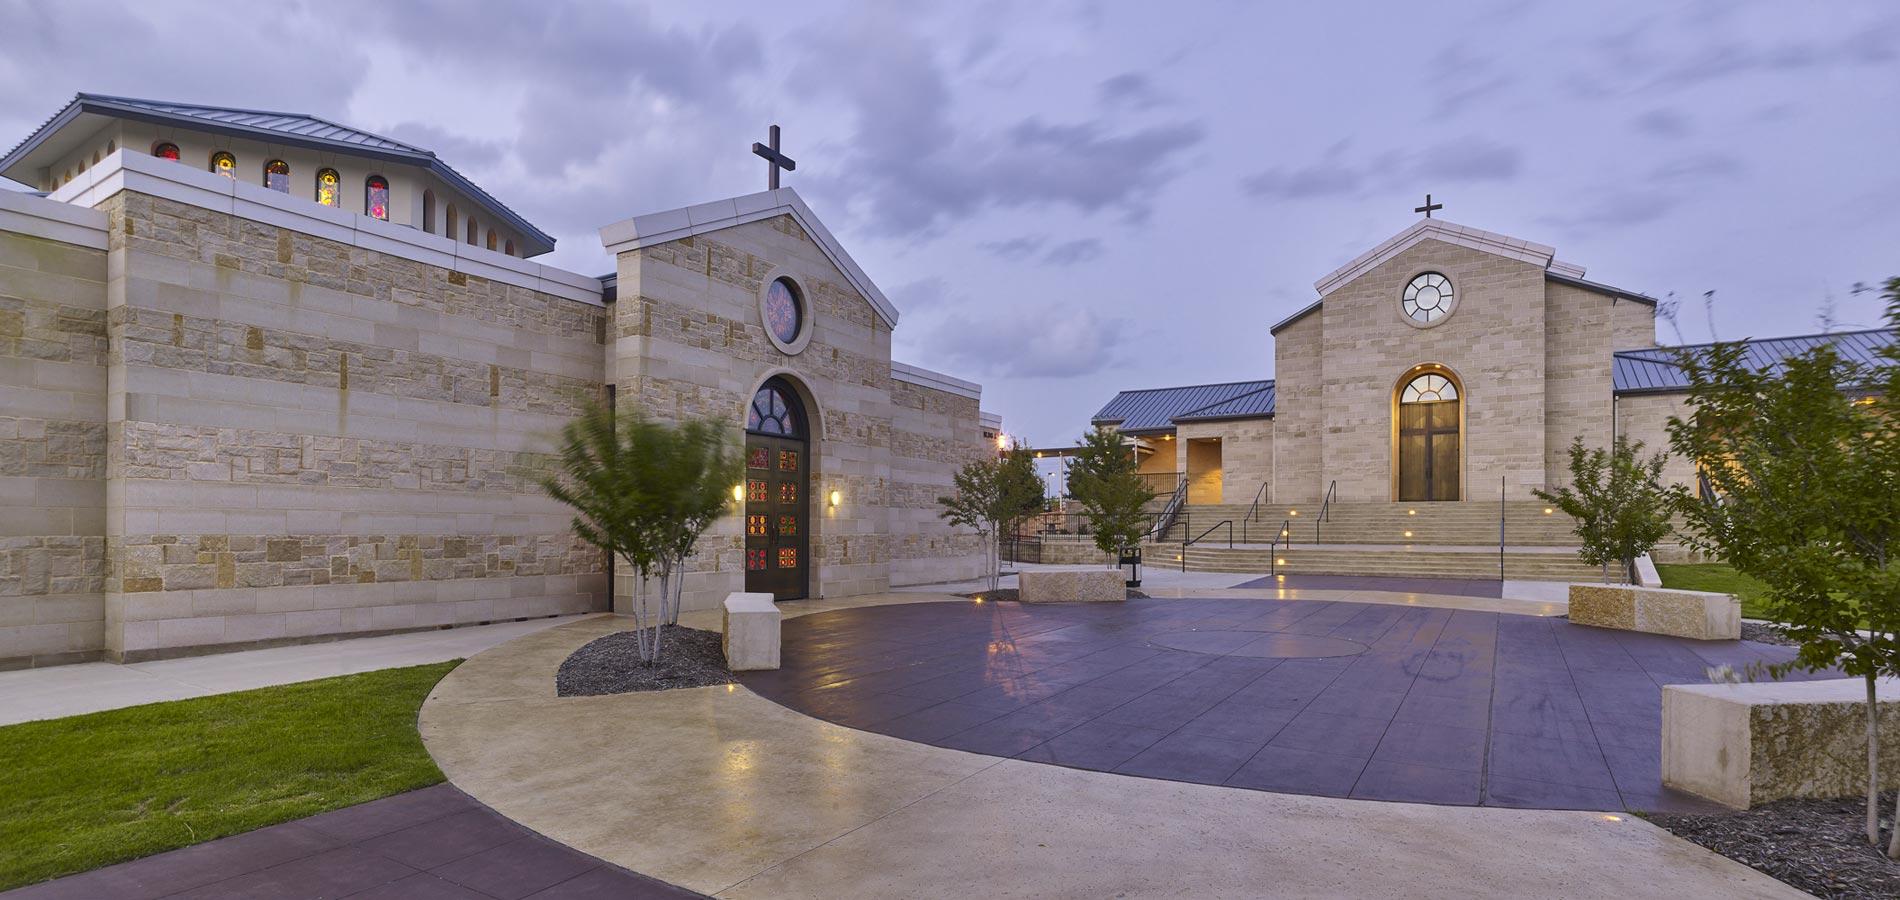 St francis of assisi catholic church architect magazine for Smr landscape architects